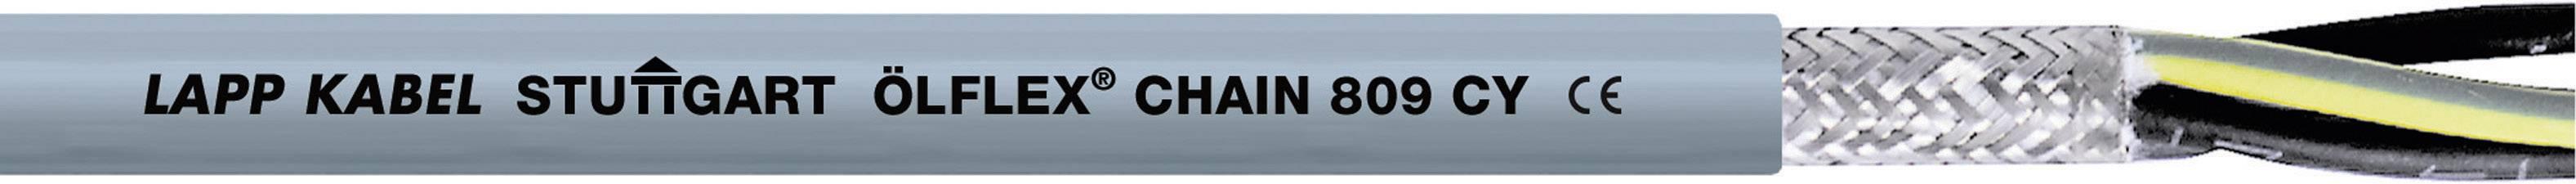 Žíla kabelu LappKabel ÖLFLEX CHAIN 809 CY 2X1,0 (1026767), 2x 1 mm², PVC, Ø 6,5 mm, stíněný, 50 m, šedá